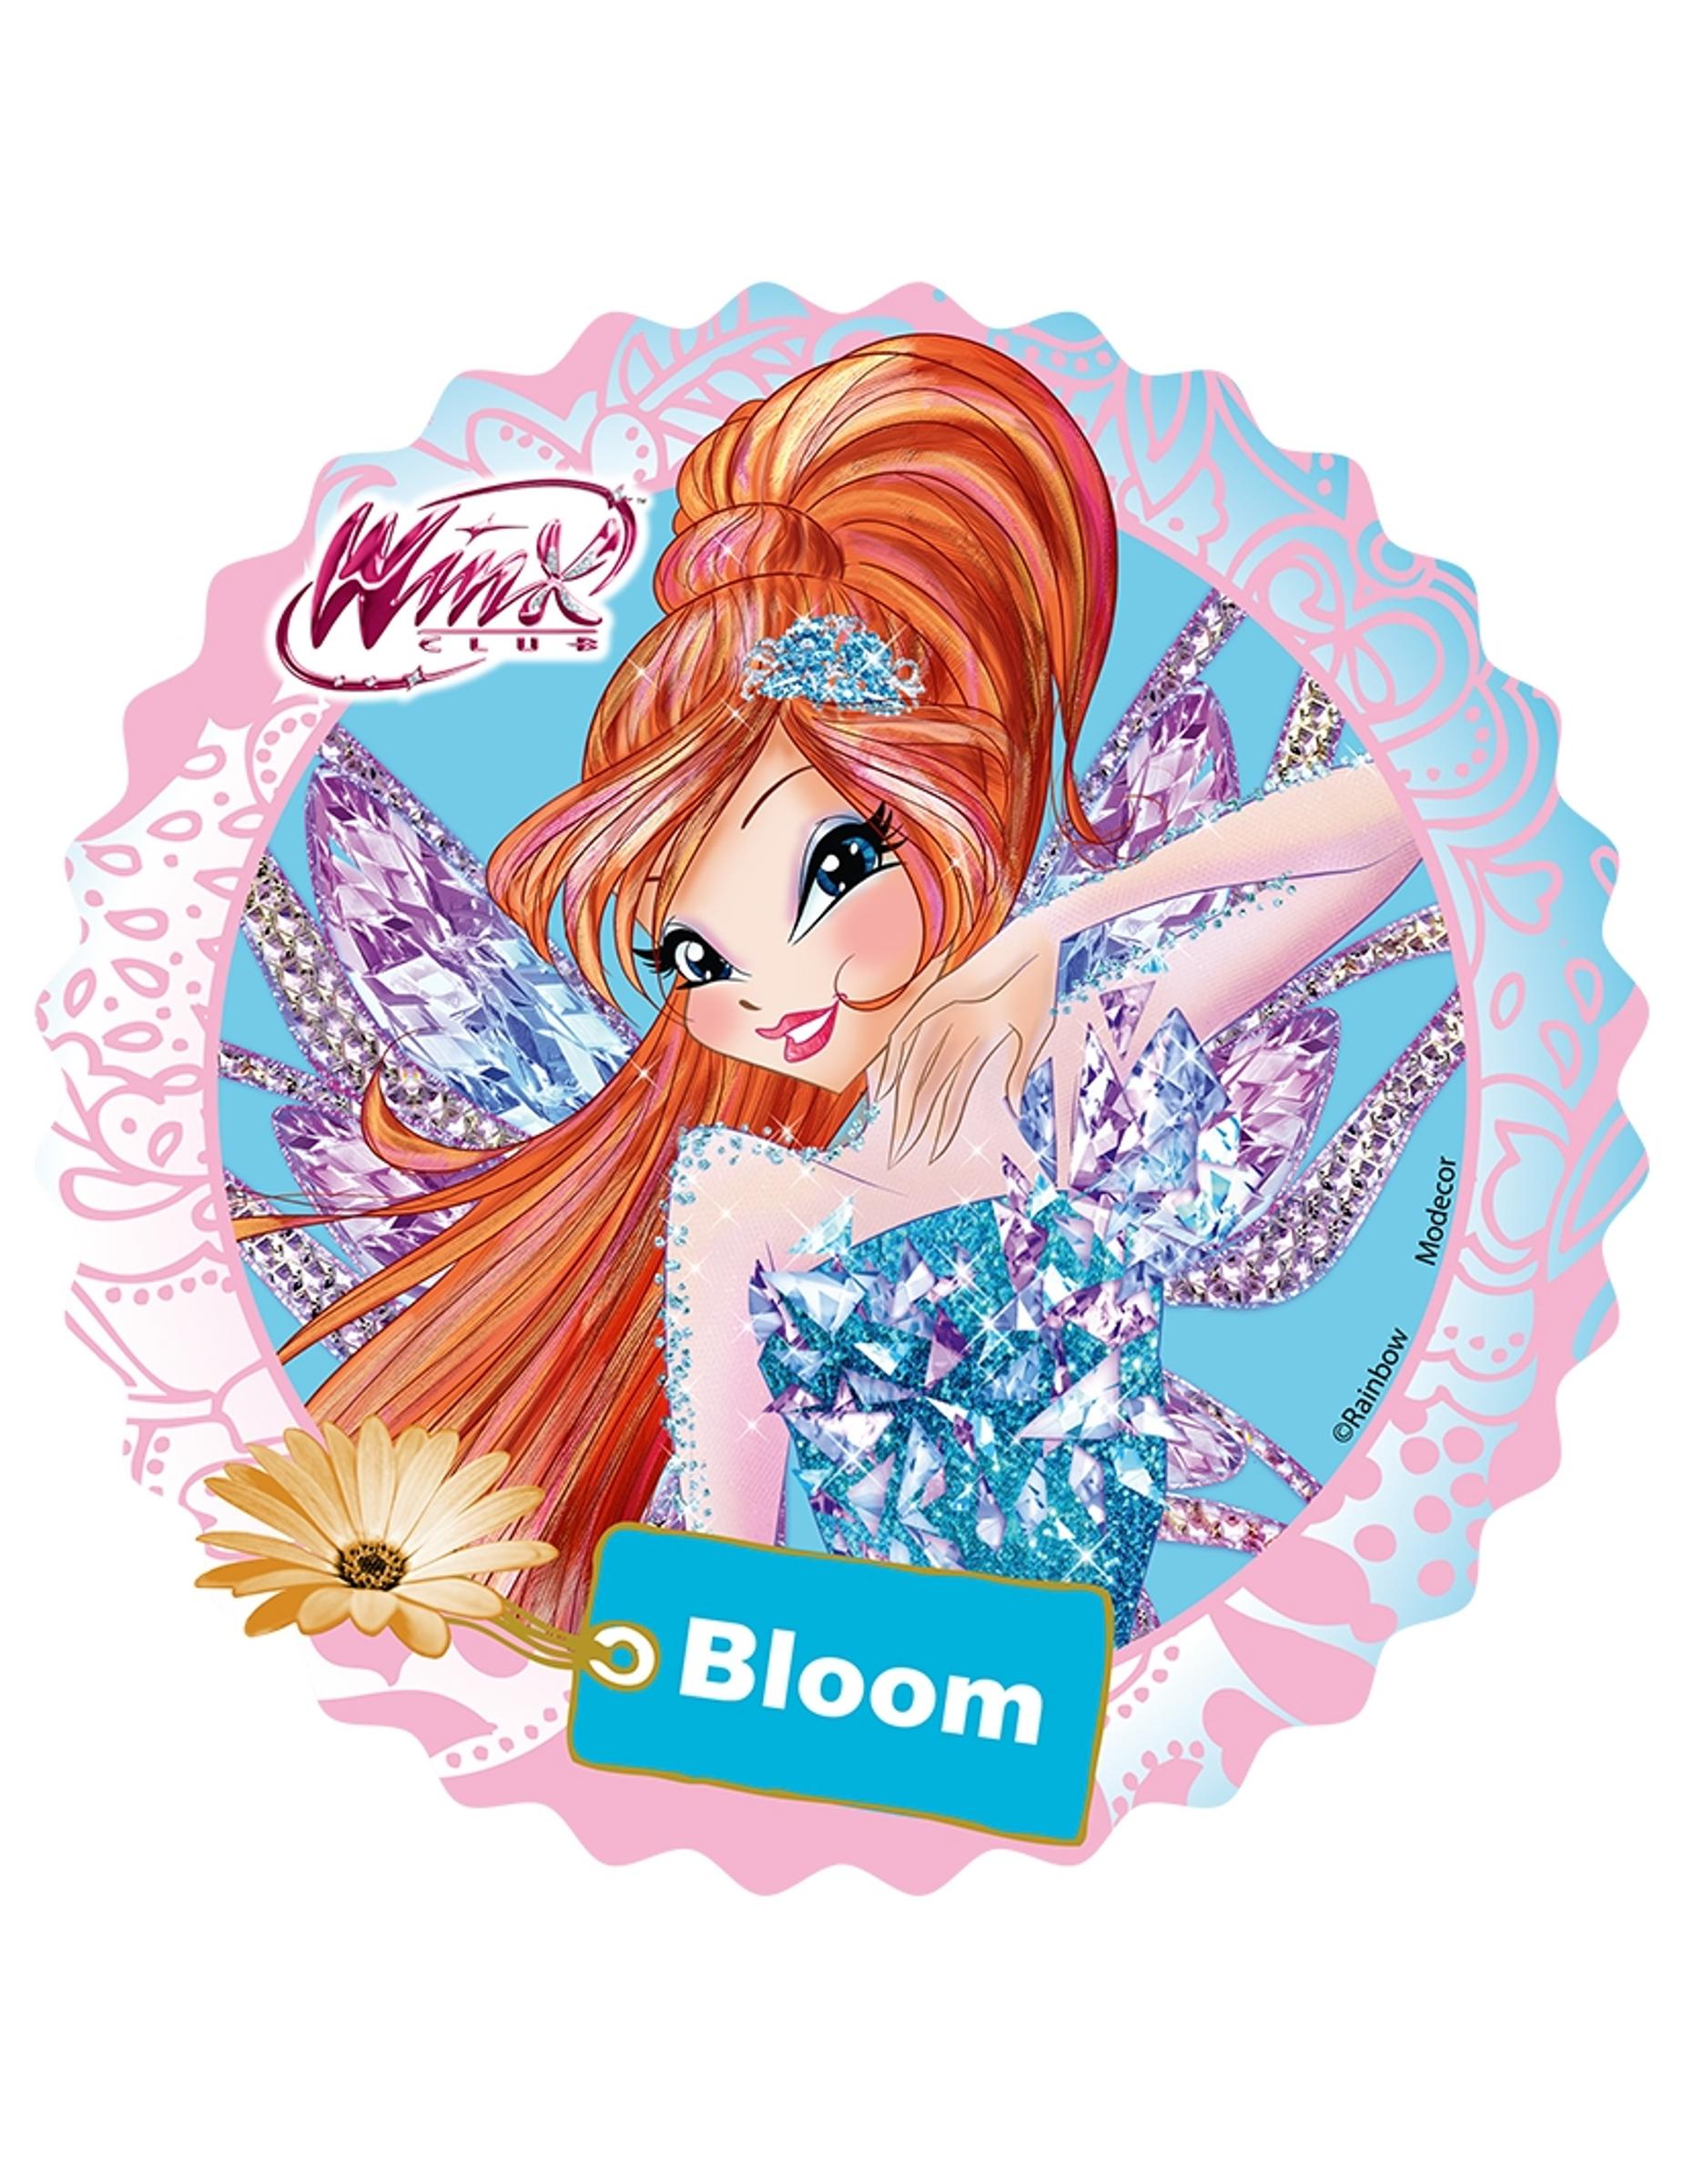 Eetbare Winx Bloom Schijf Decoratieen Goedkope Carnavalskleding